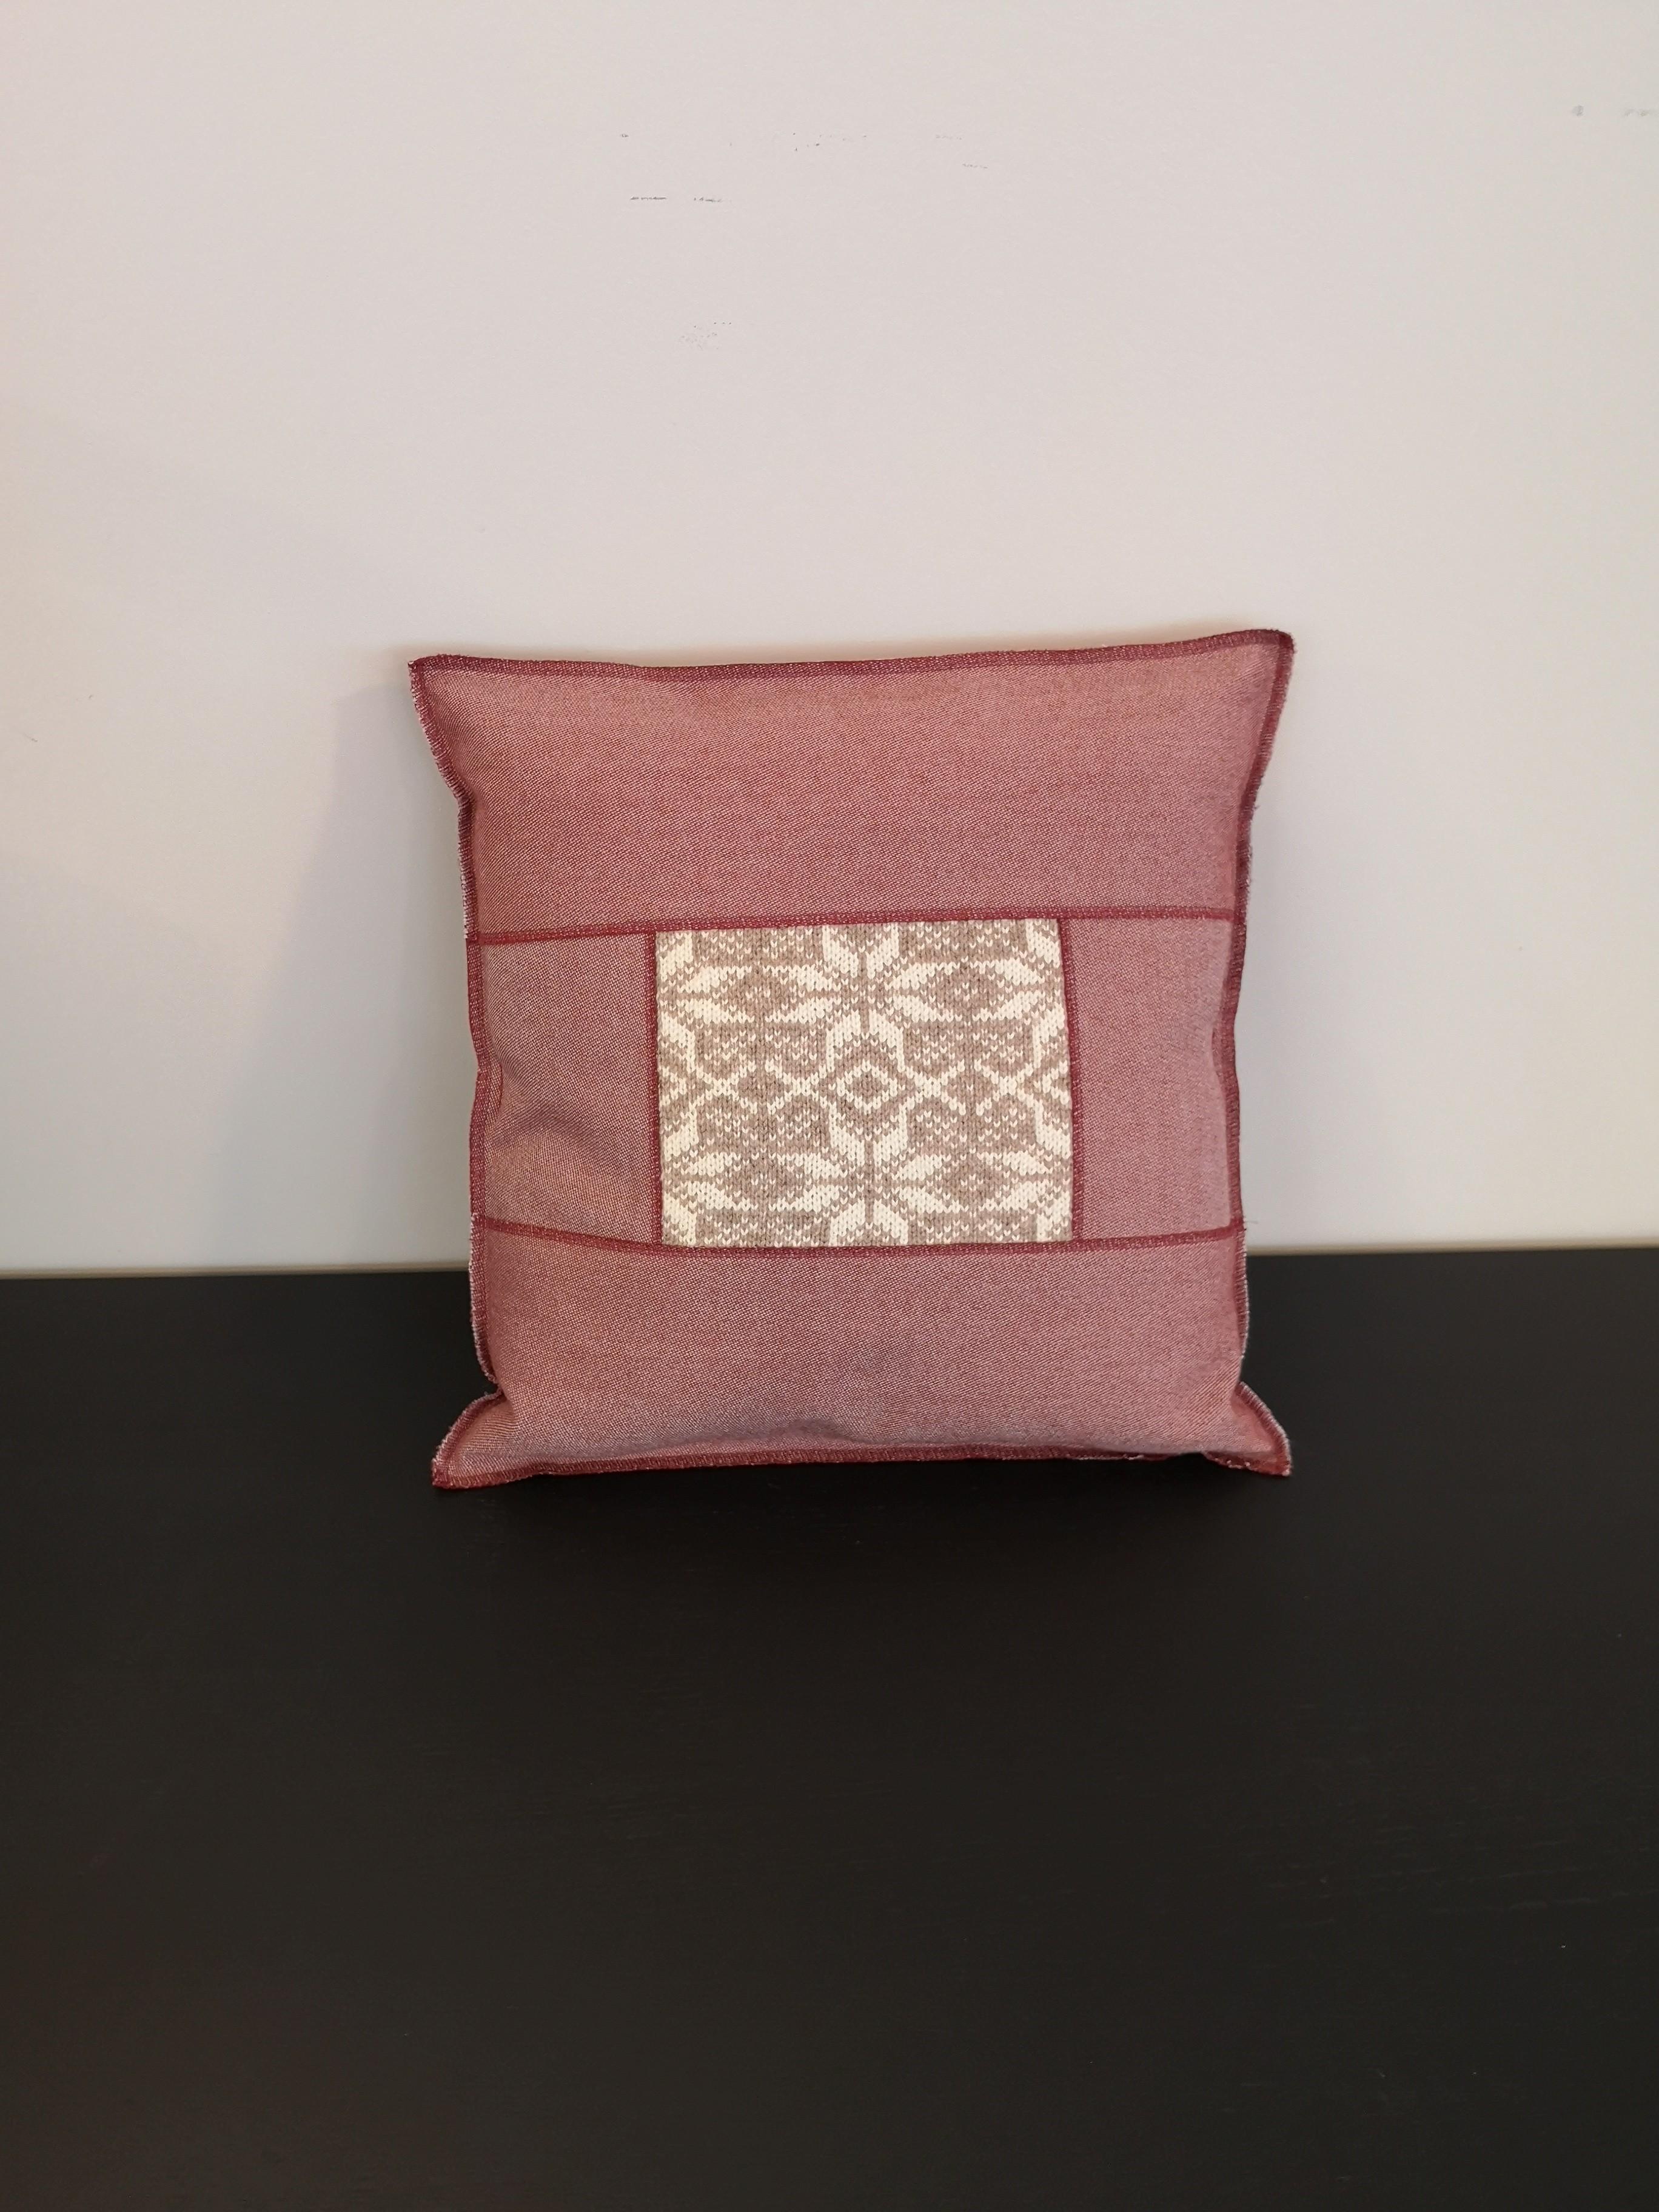 Design-Kissen hergestellt in der Schweiz - Kopieren 02